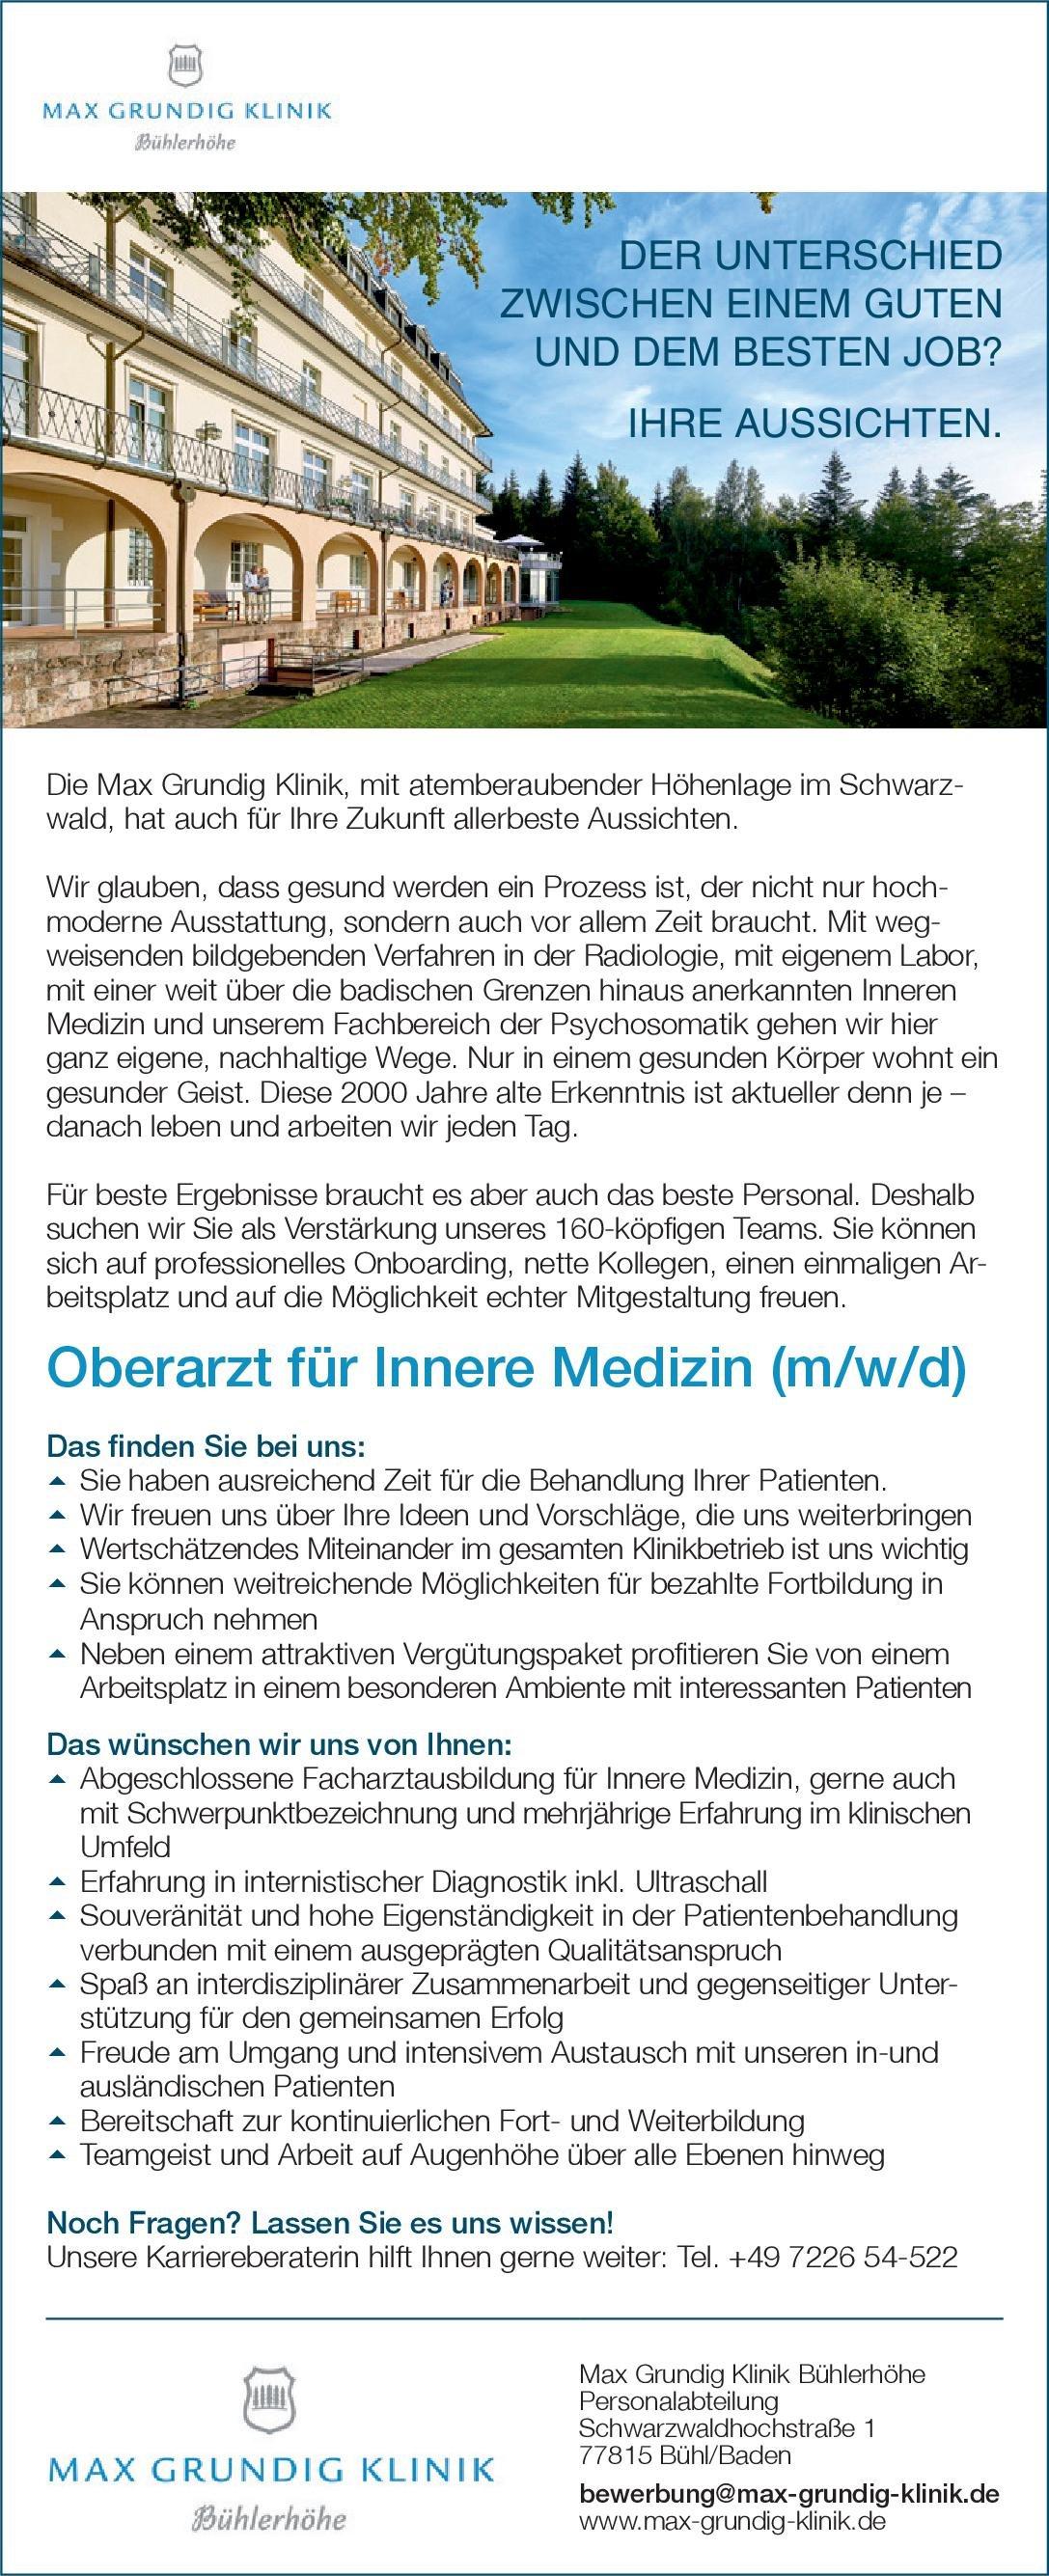 Max Grundig Klinik Bühlerhöhe Oberarzt für Innere Medizin (m/w/d)  Innere Medizin, Innere Medizin Oberarzt